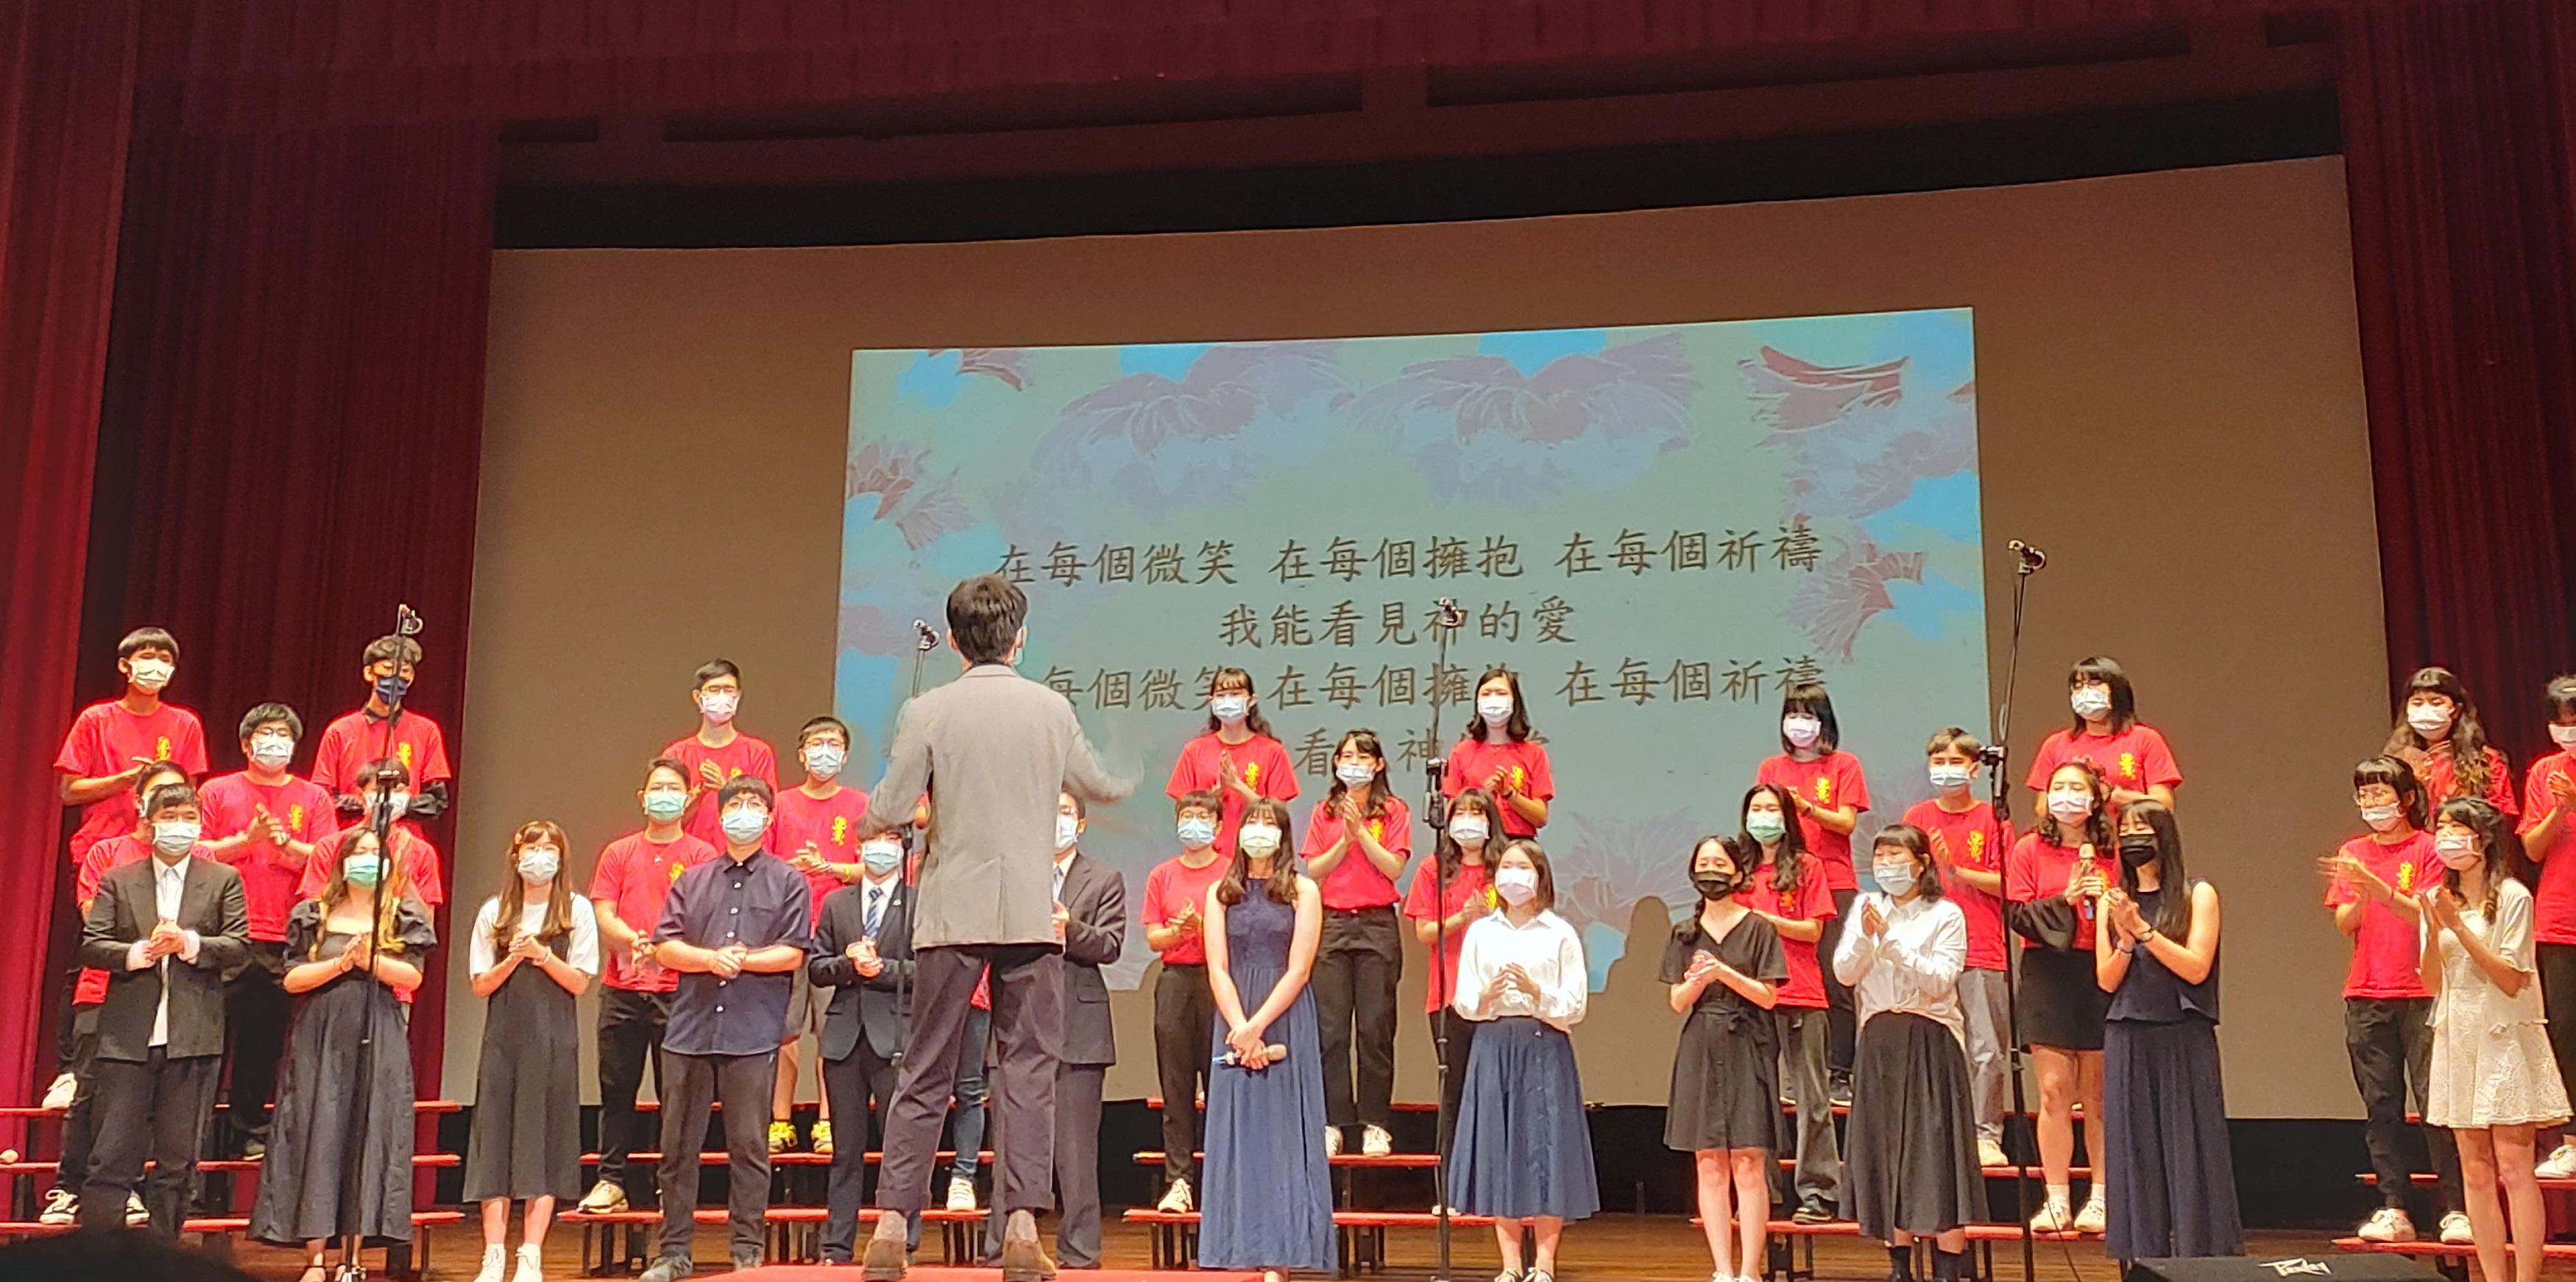 中原基督徒學生團契主辦第60屆母親節合唱比賽並上台演唱。.jpg